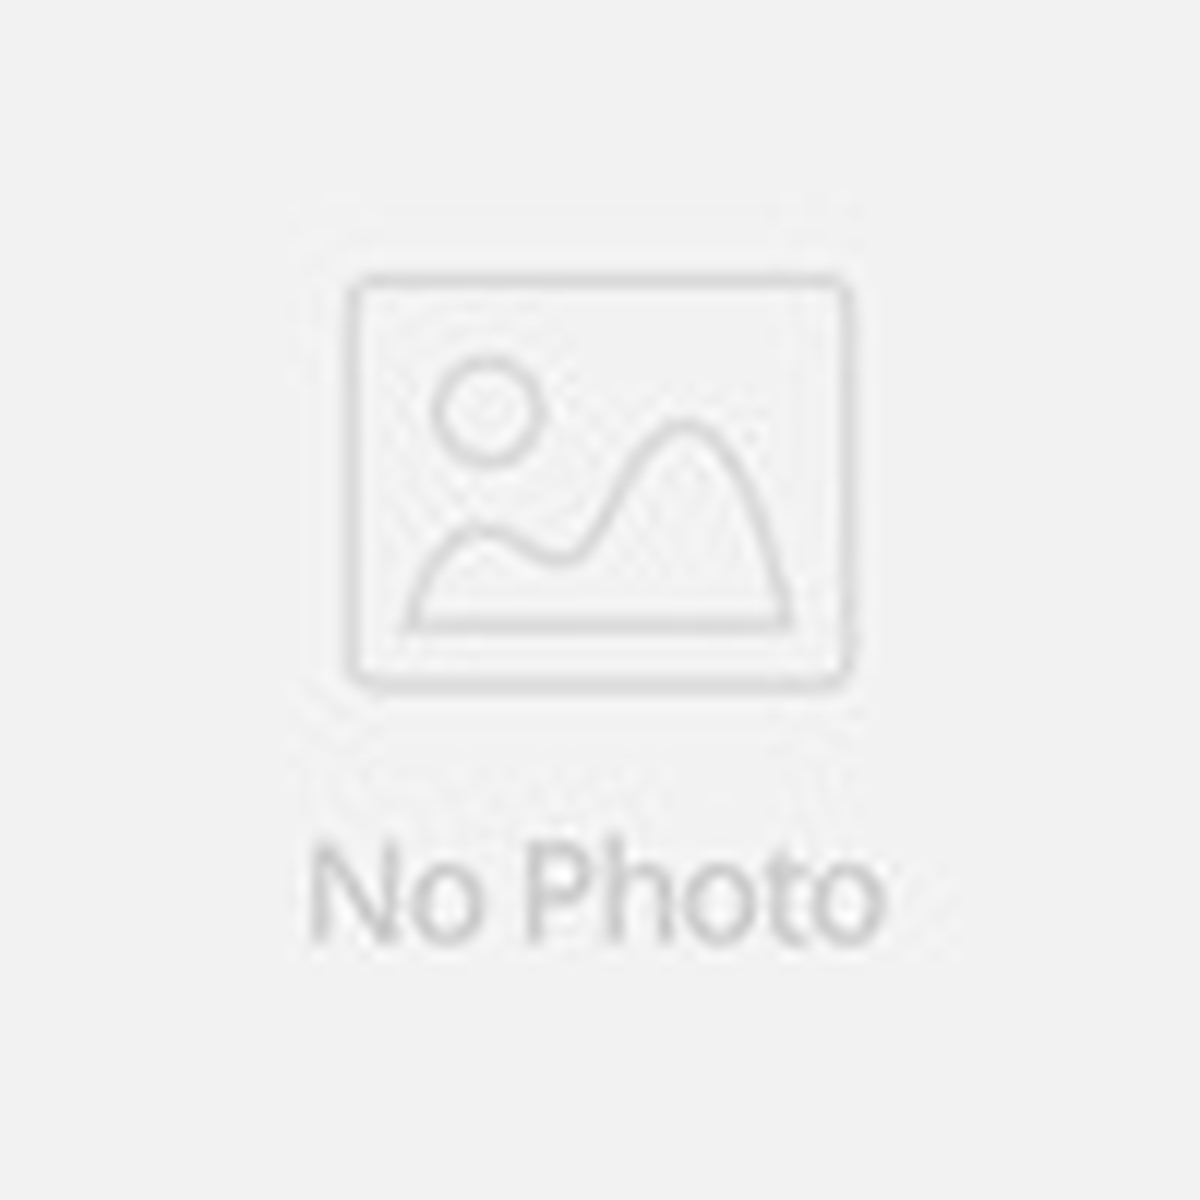 """Горячая Распродажа, футболка «Драконий жемчуг» супер сайян Dragon Ball Z игрушечные фигурки из игры Dragon Ball Dbz (""""сын футболка «Goku» чехол Capsule corp футболка vegeta Для мужчин красивые футболки для мальчиков"""